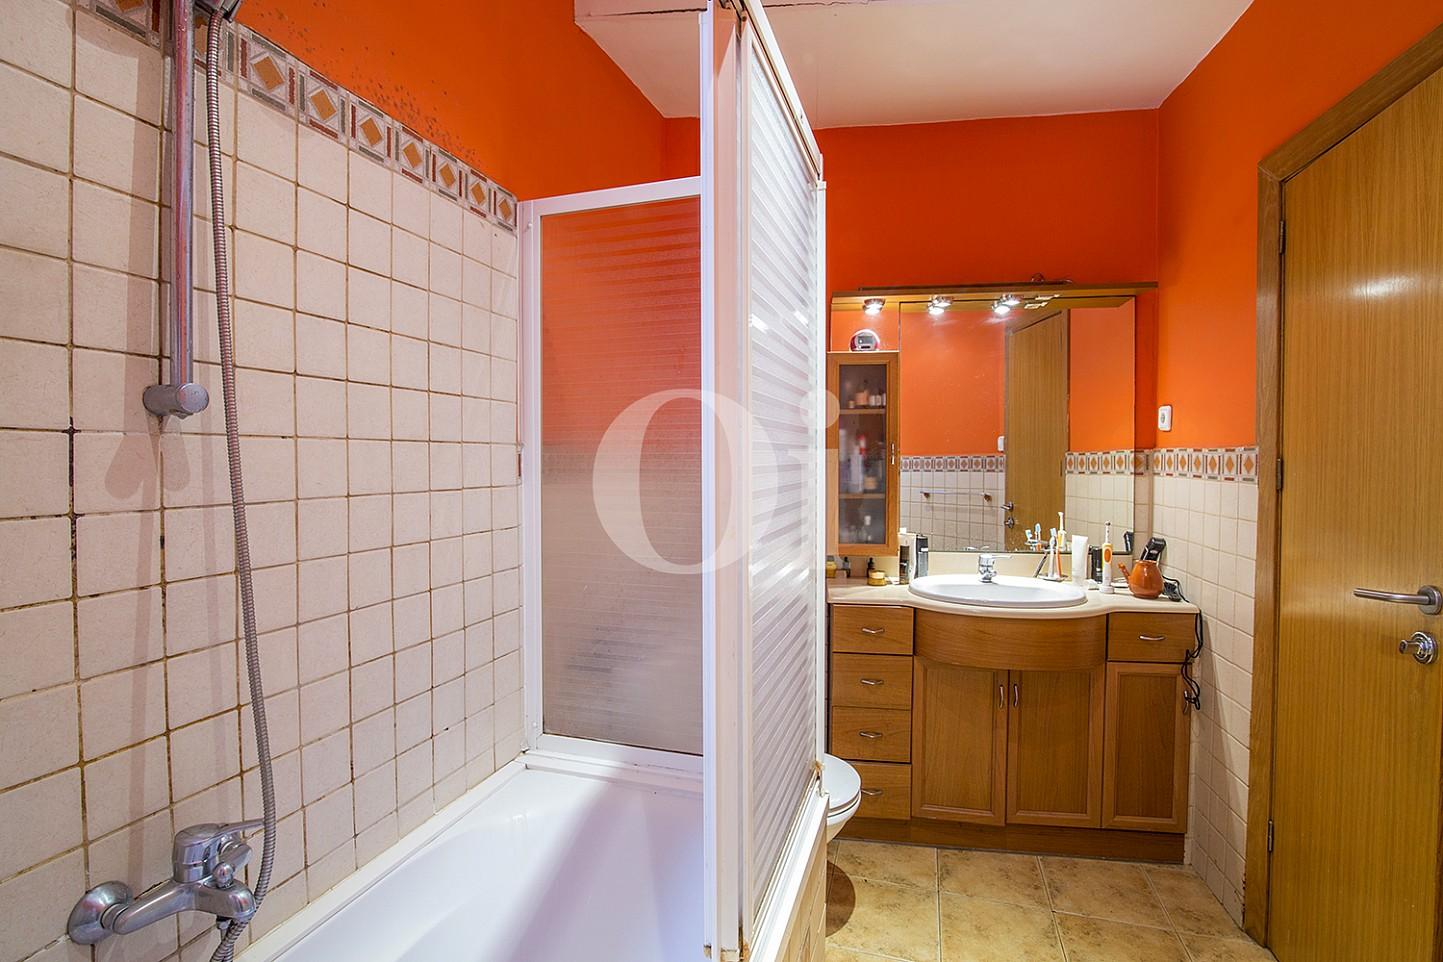 Exclusivo baño completo con plato de ducha y aseo en magnifico piso en venta ubicado en El Gotic, Barcelona